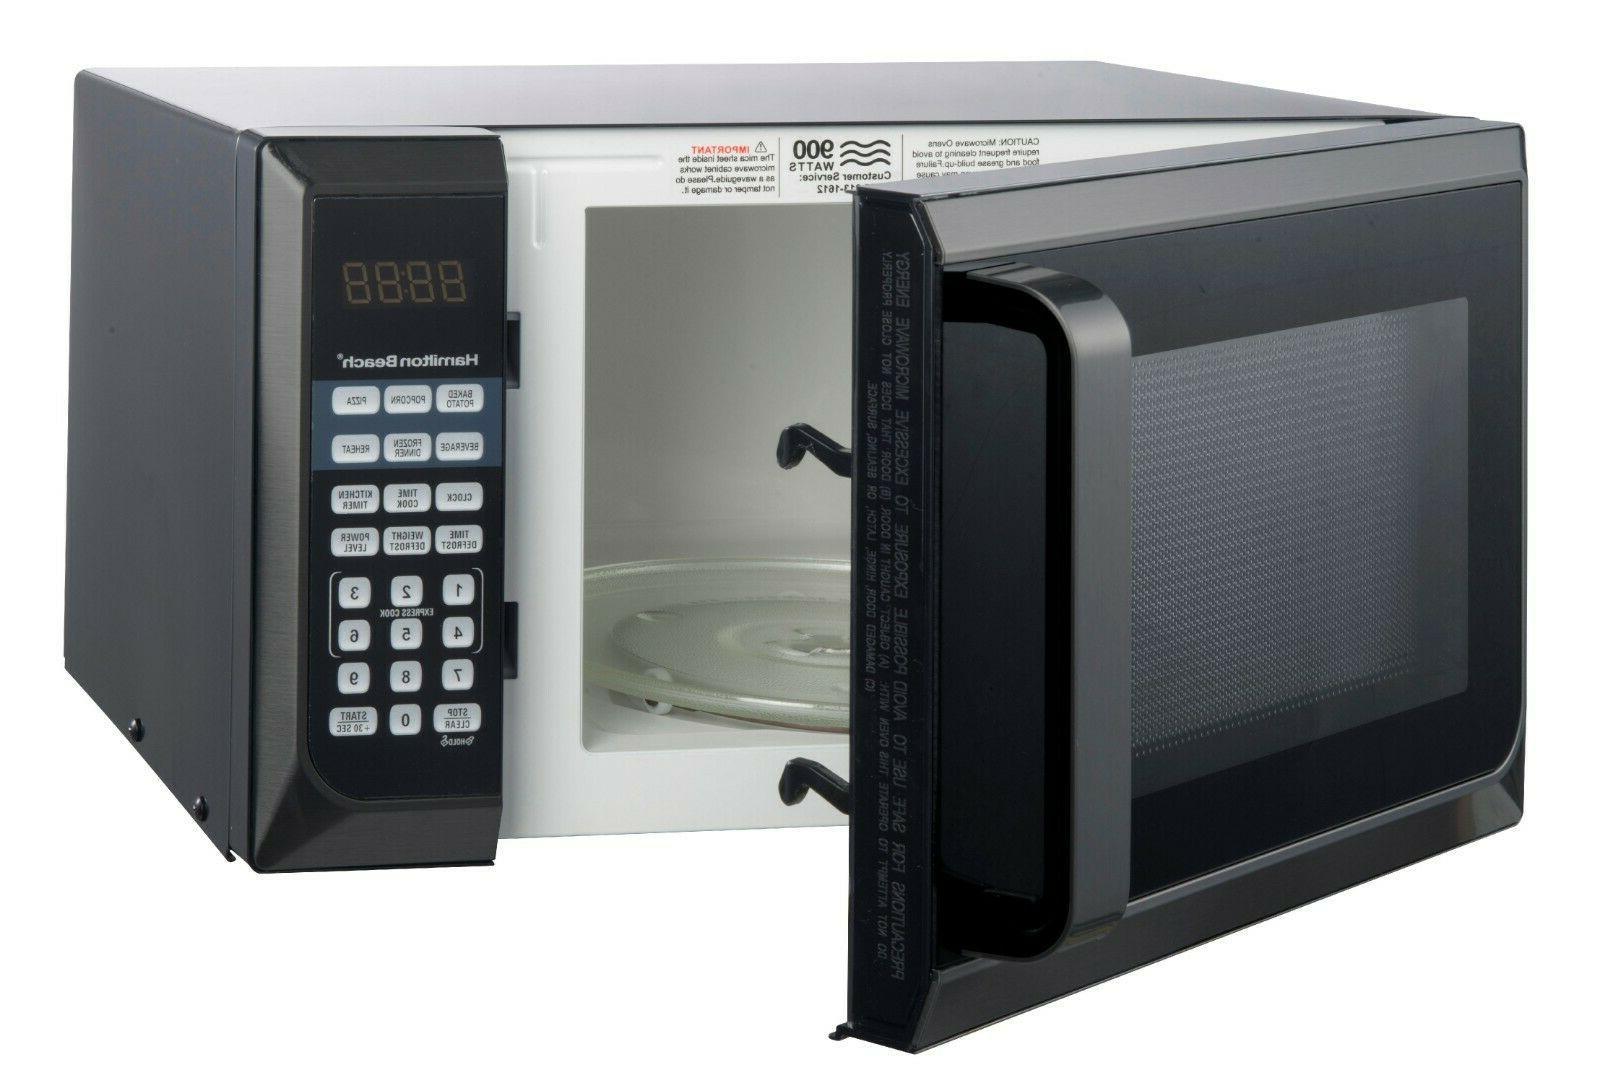 Countertop Steel Home Oven 900W 0.9 Cu Ft. BLACK